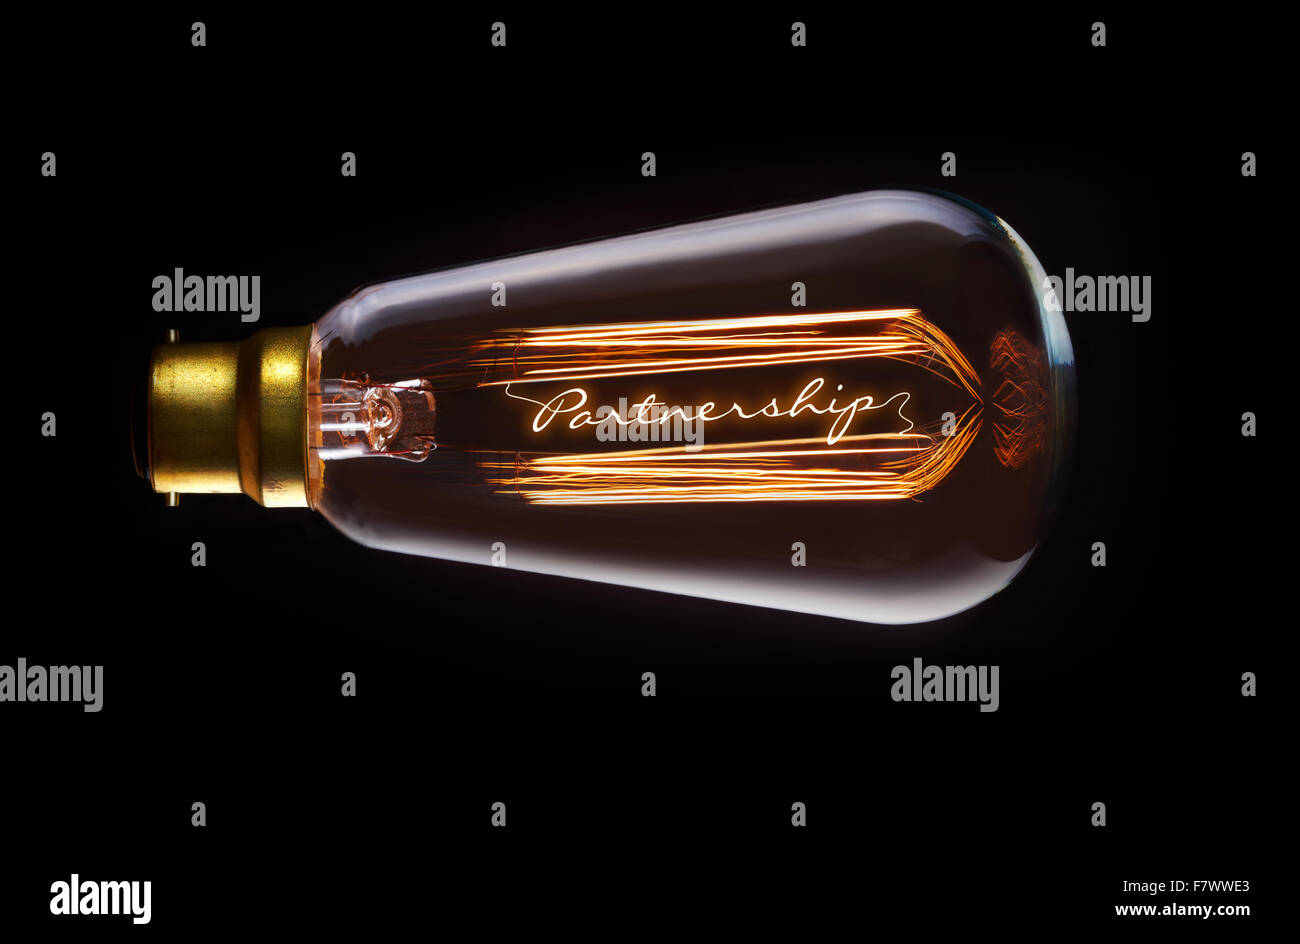 Das Konzept der Partnerschaft in einem Filament-Glühbirne. Stockfoto